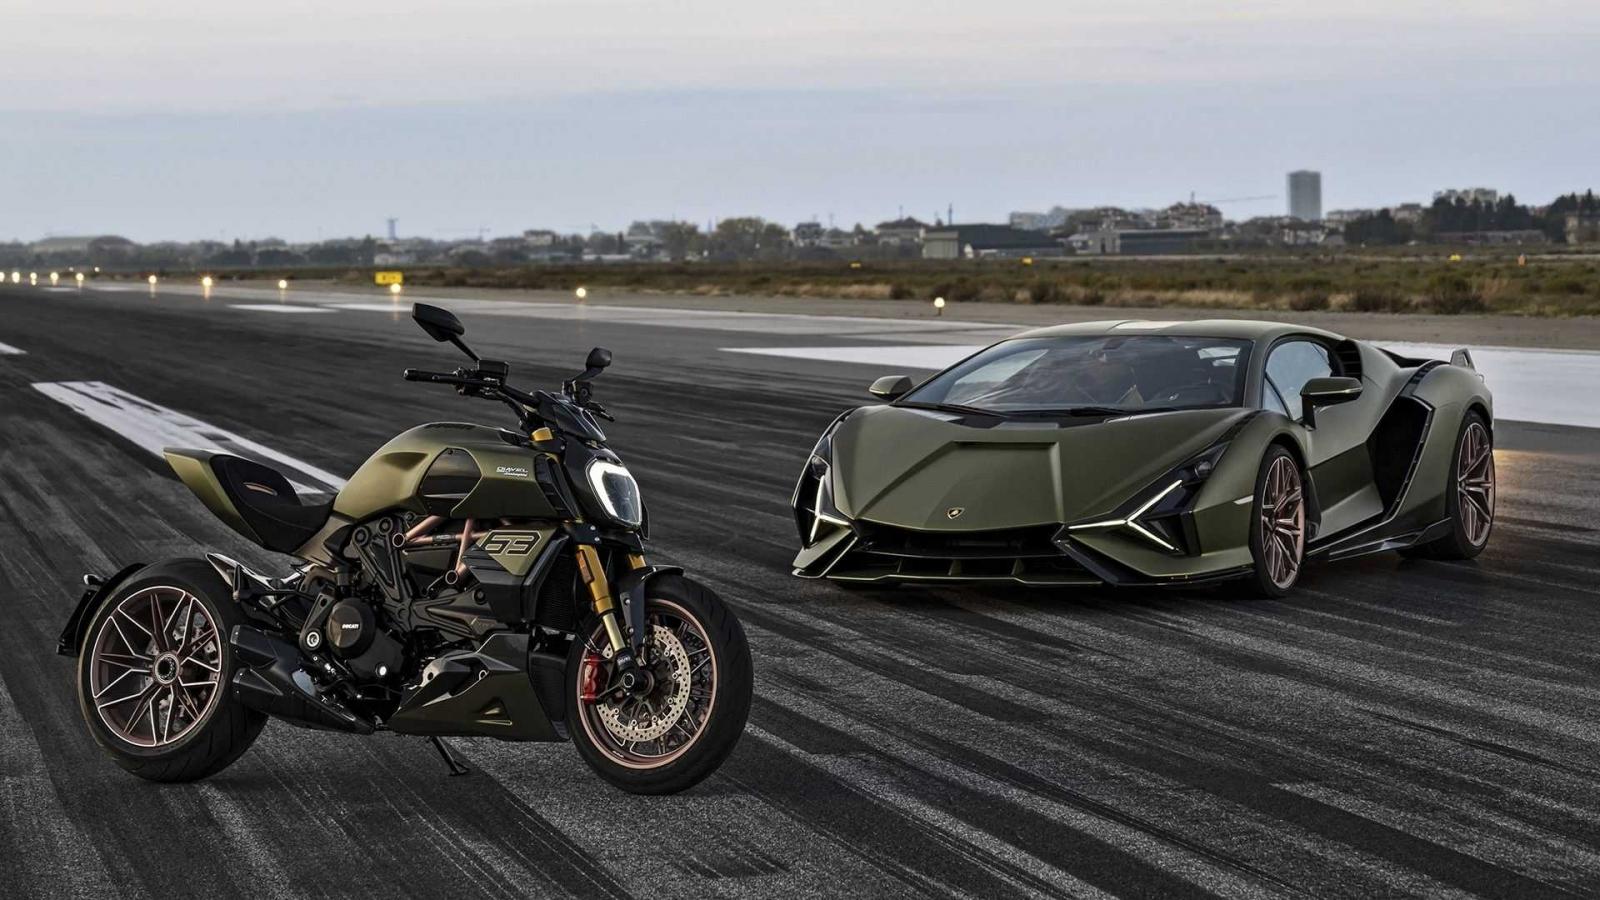 Ducati ra mắt Diavel 1260 lấy cảm hứng từ Lamborghini Sian